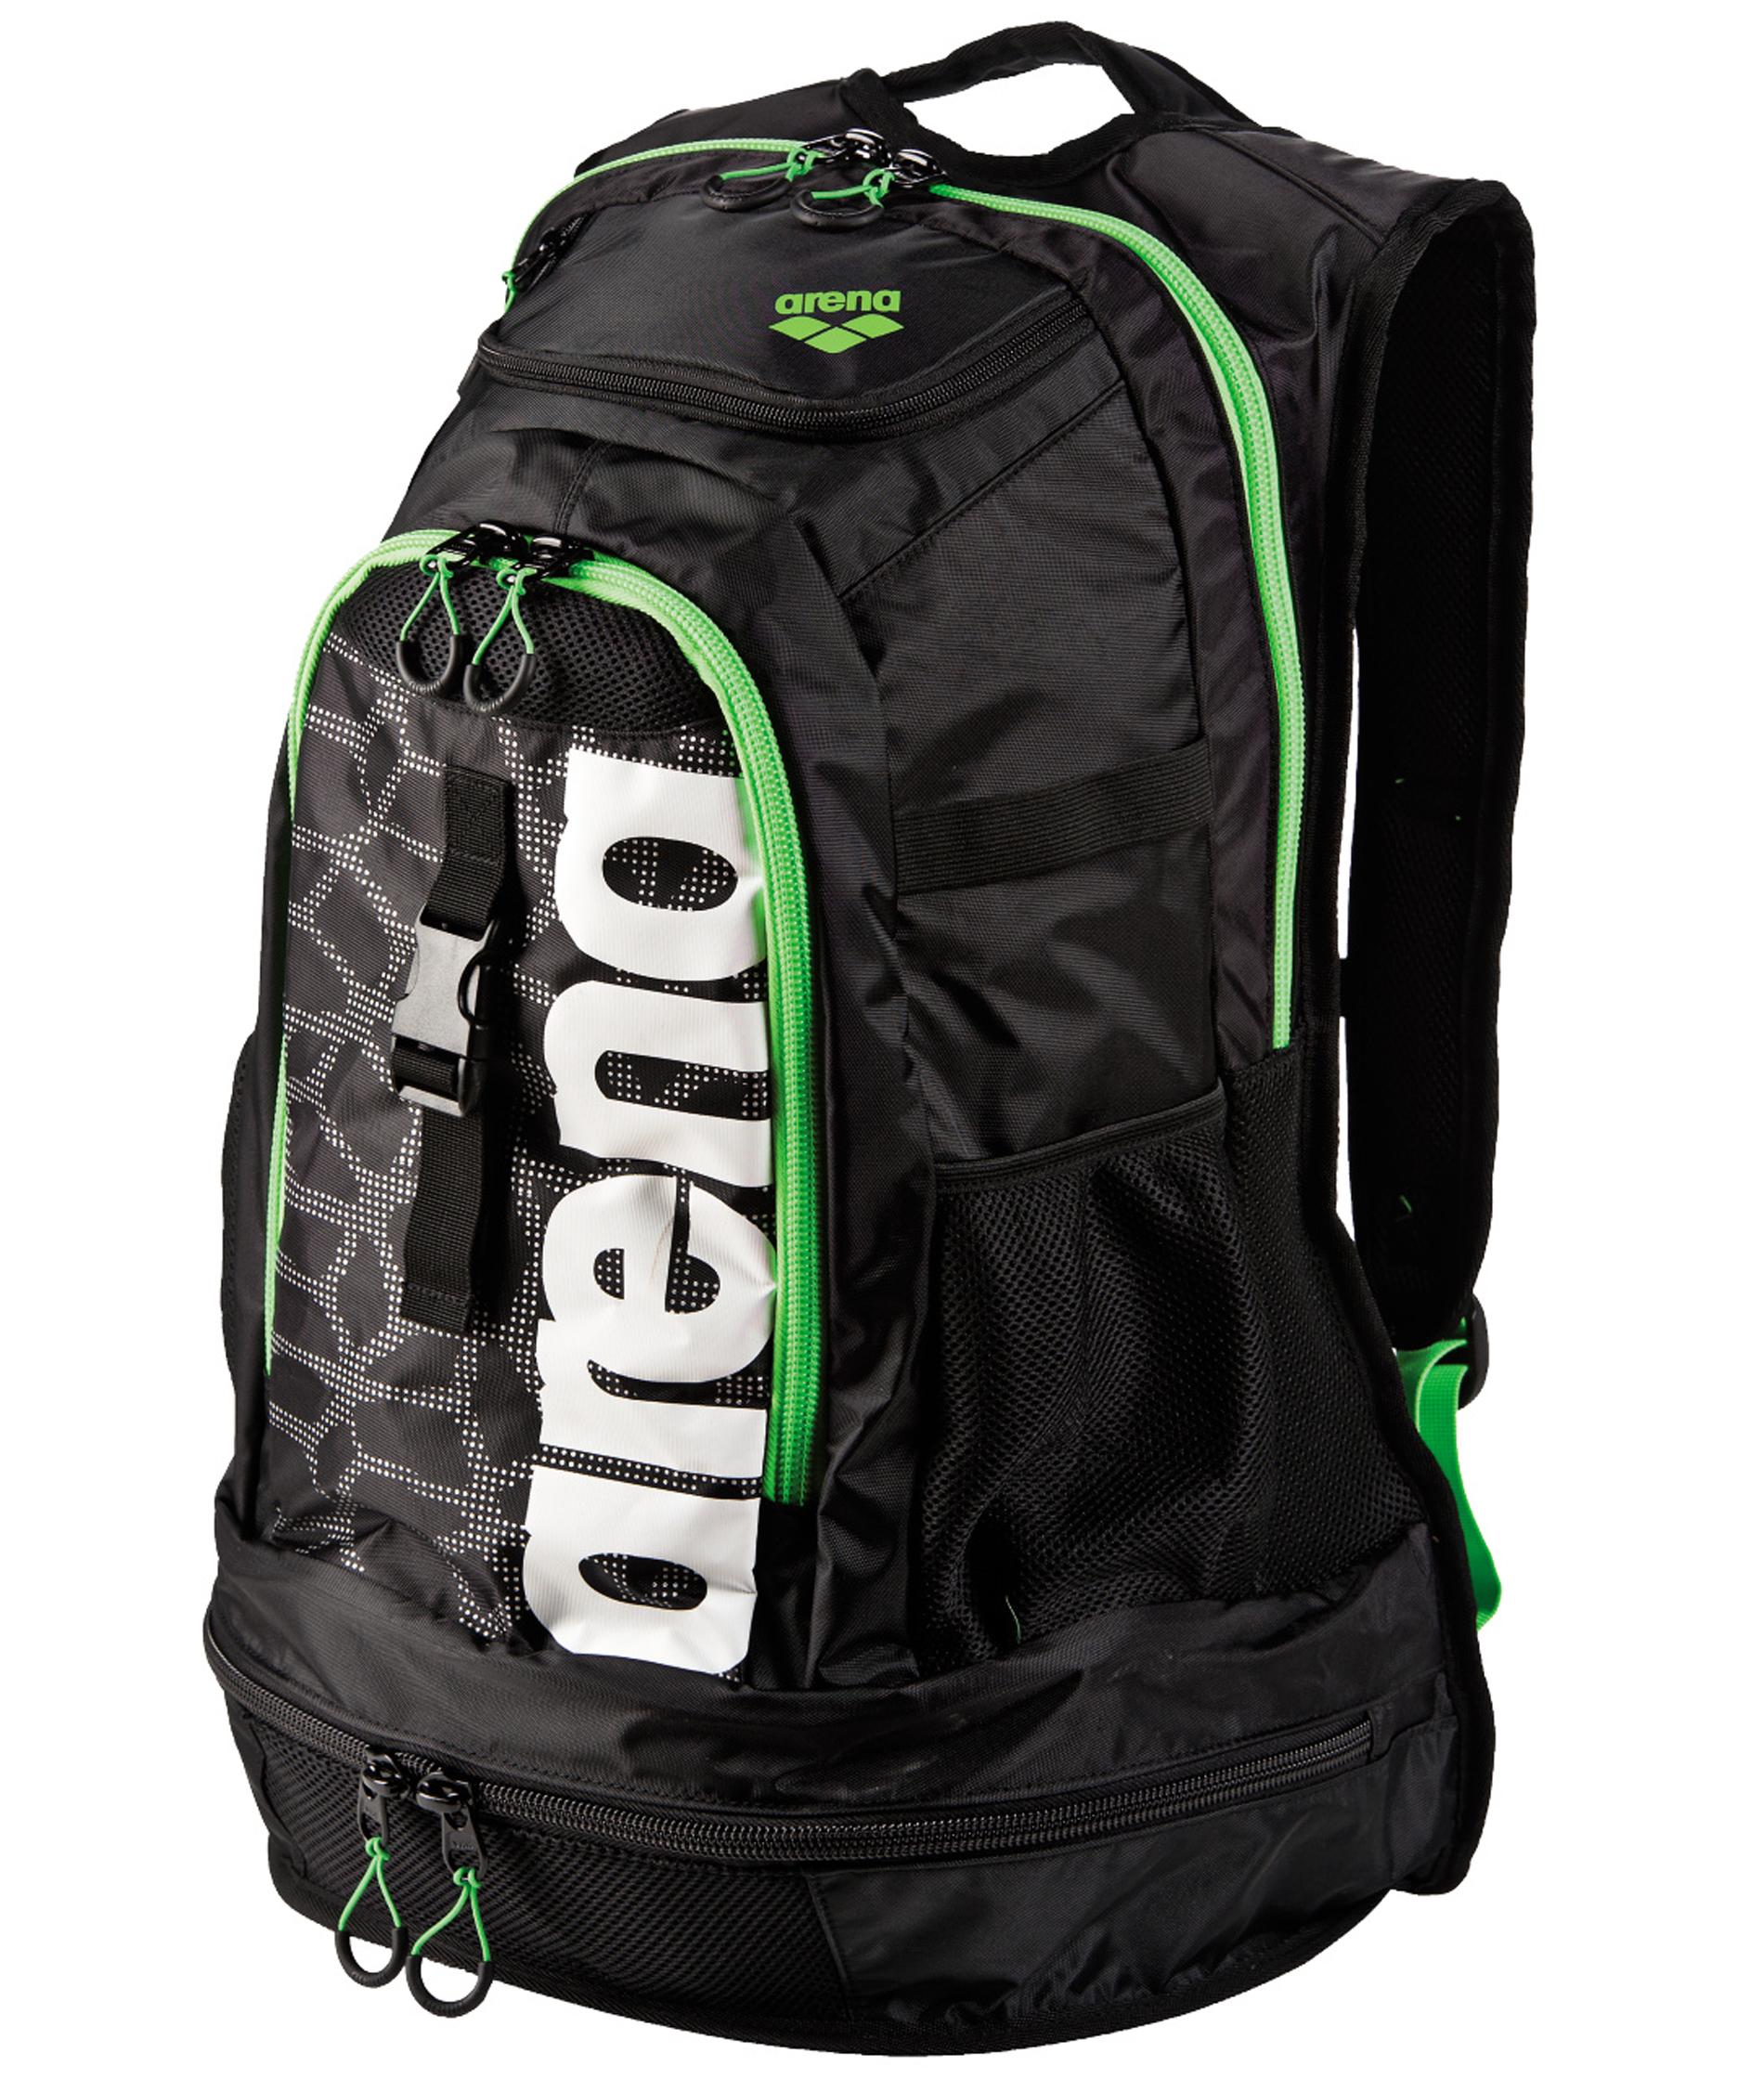 Arena Fastpack 2.1 Black X-Pivot/Green Backpack